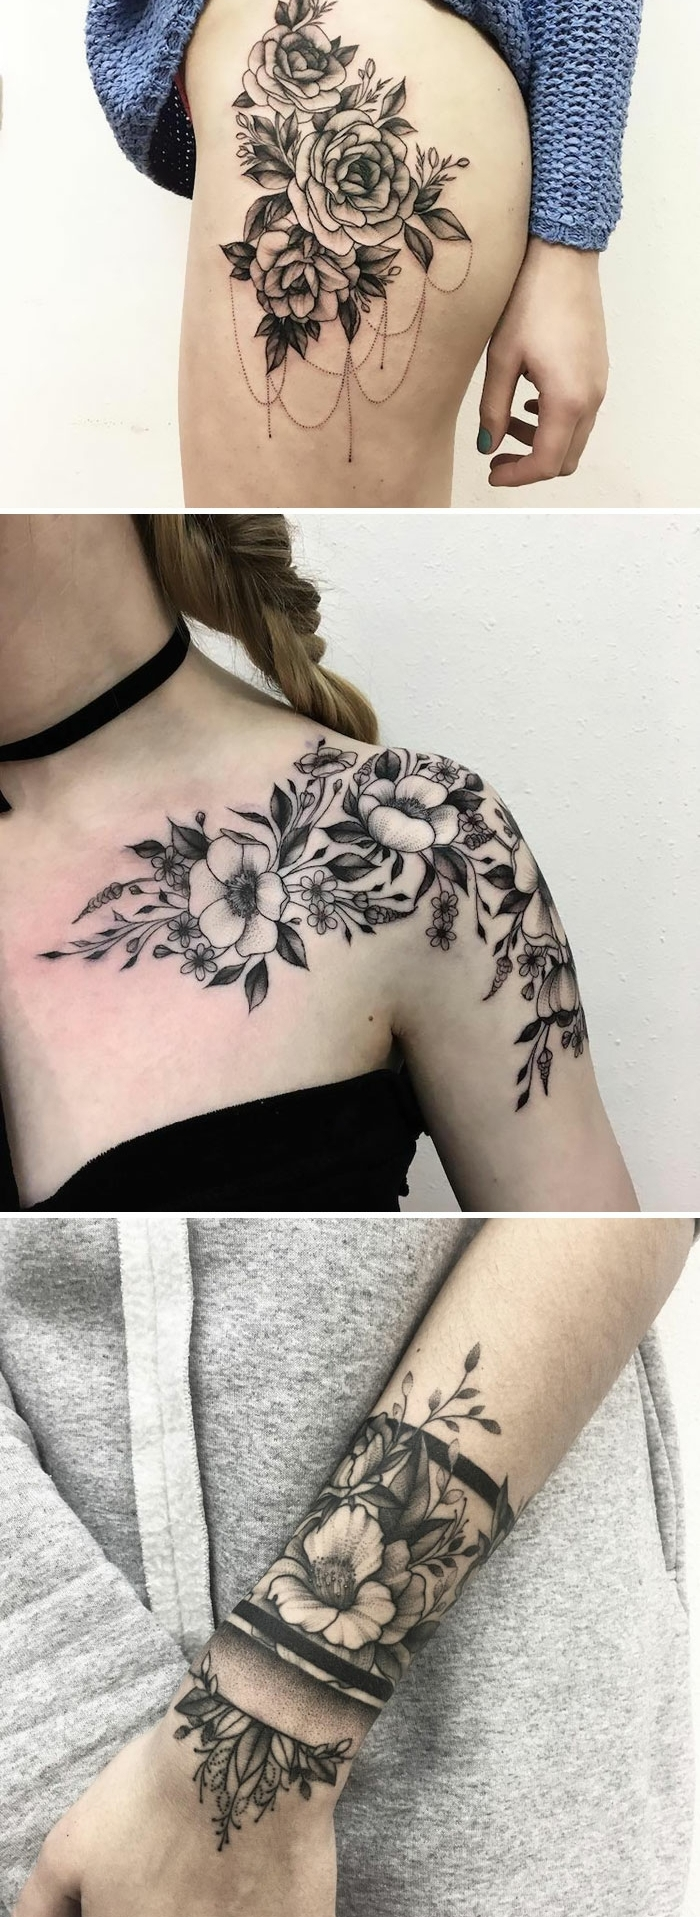 Beau tatouage poignet femme tatouage femm chouette